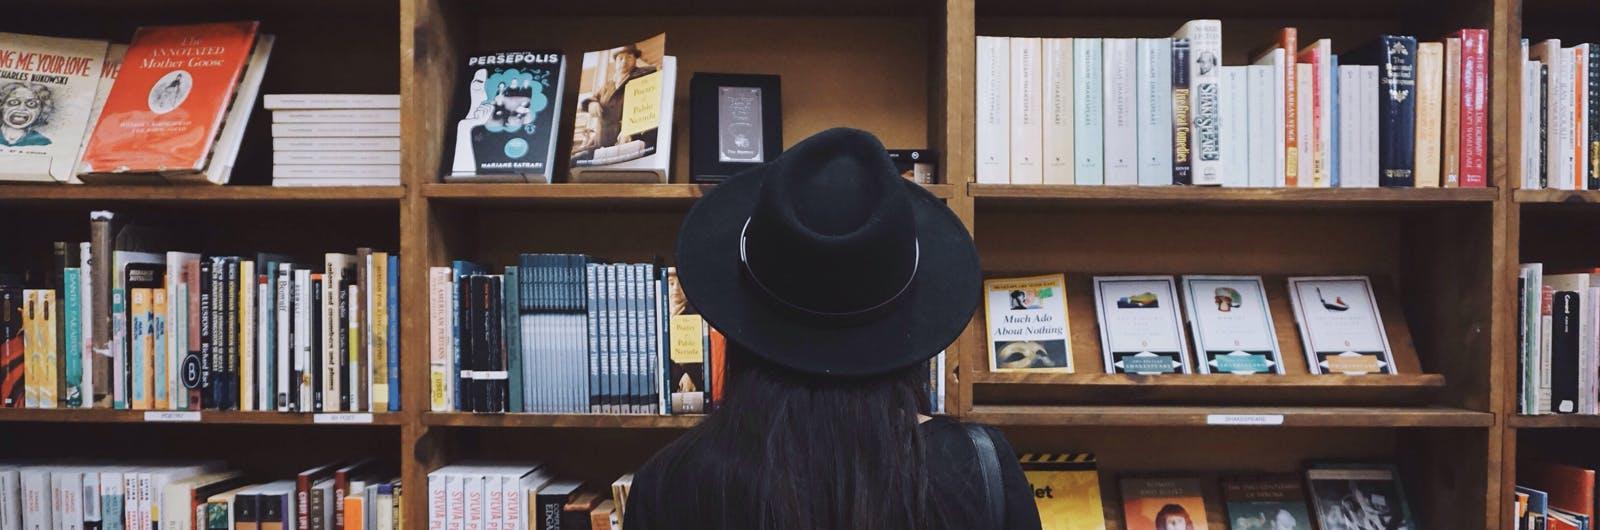 books header